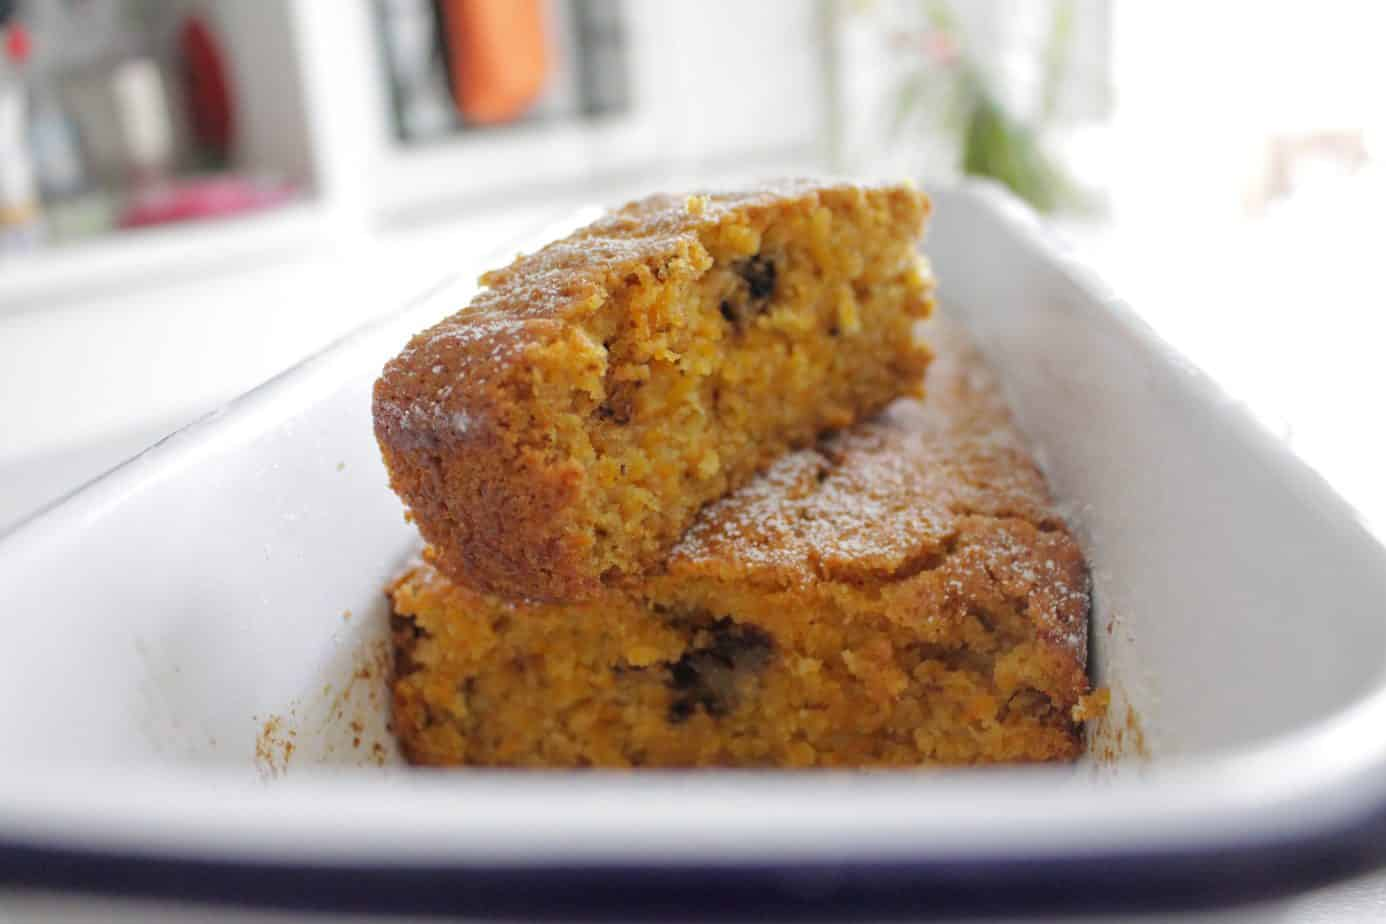 עוגת דלורית, בחושה, פשוטה, טבעונית ומתקתקה